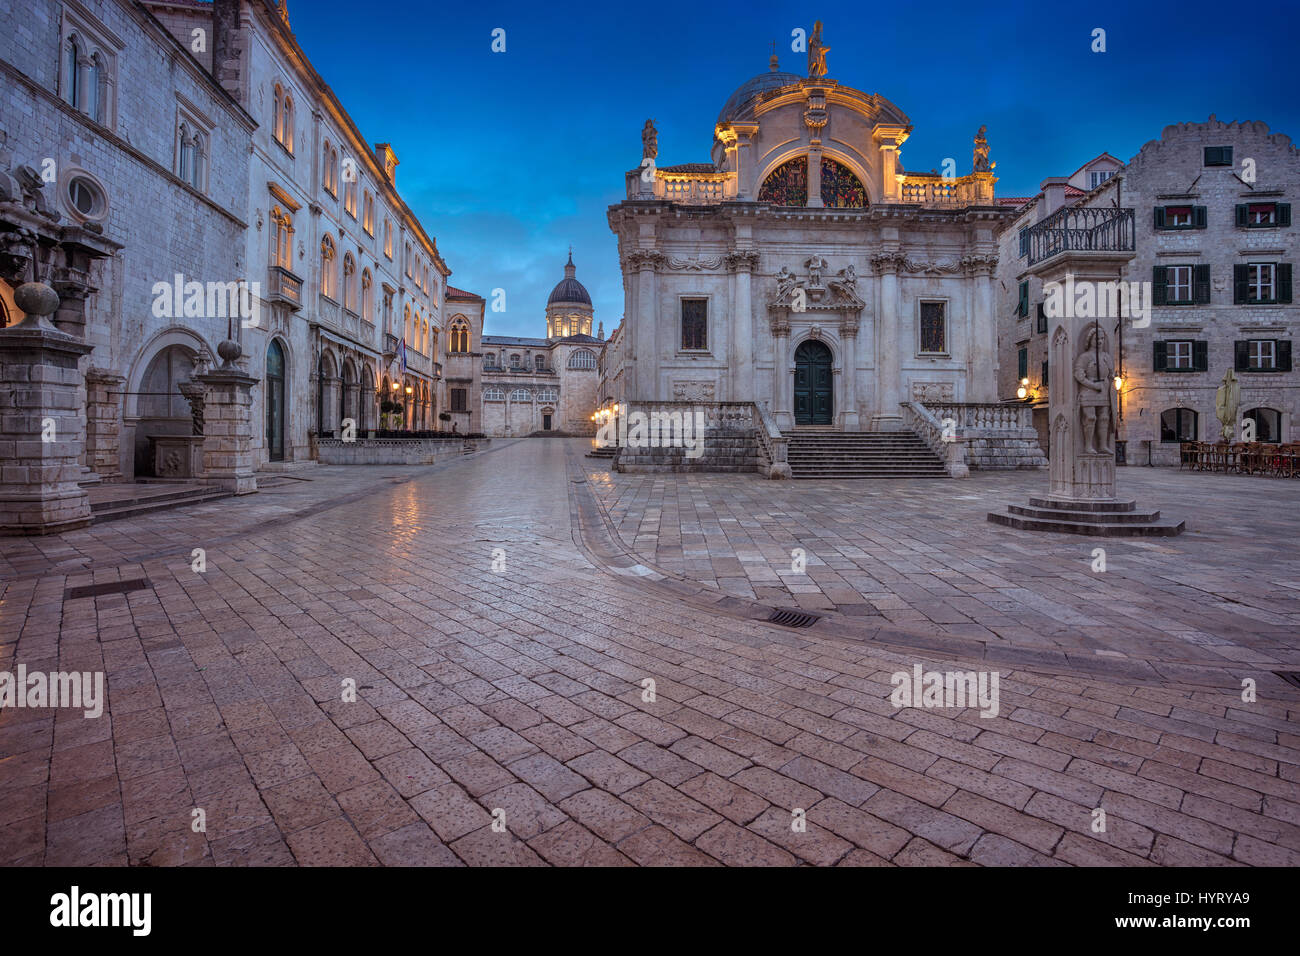 Dubrovnik. Belle strade romantiche della città vecchia di Dubrovnik durante blu crepuscolo ora. Immagini Stock